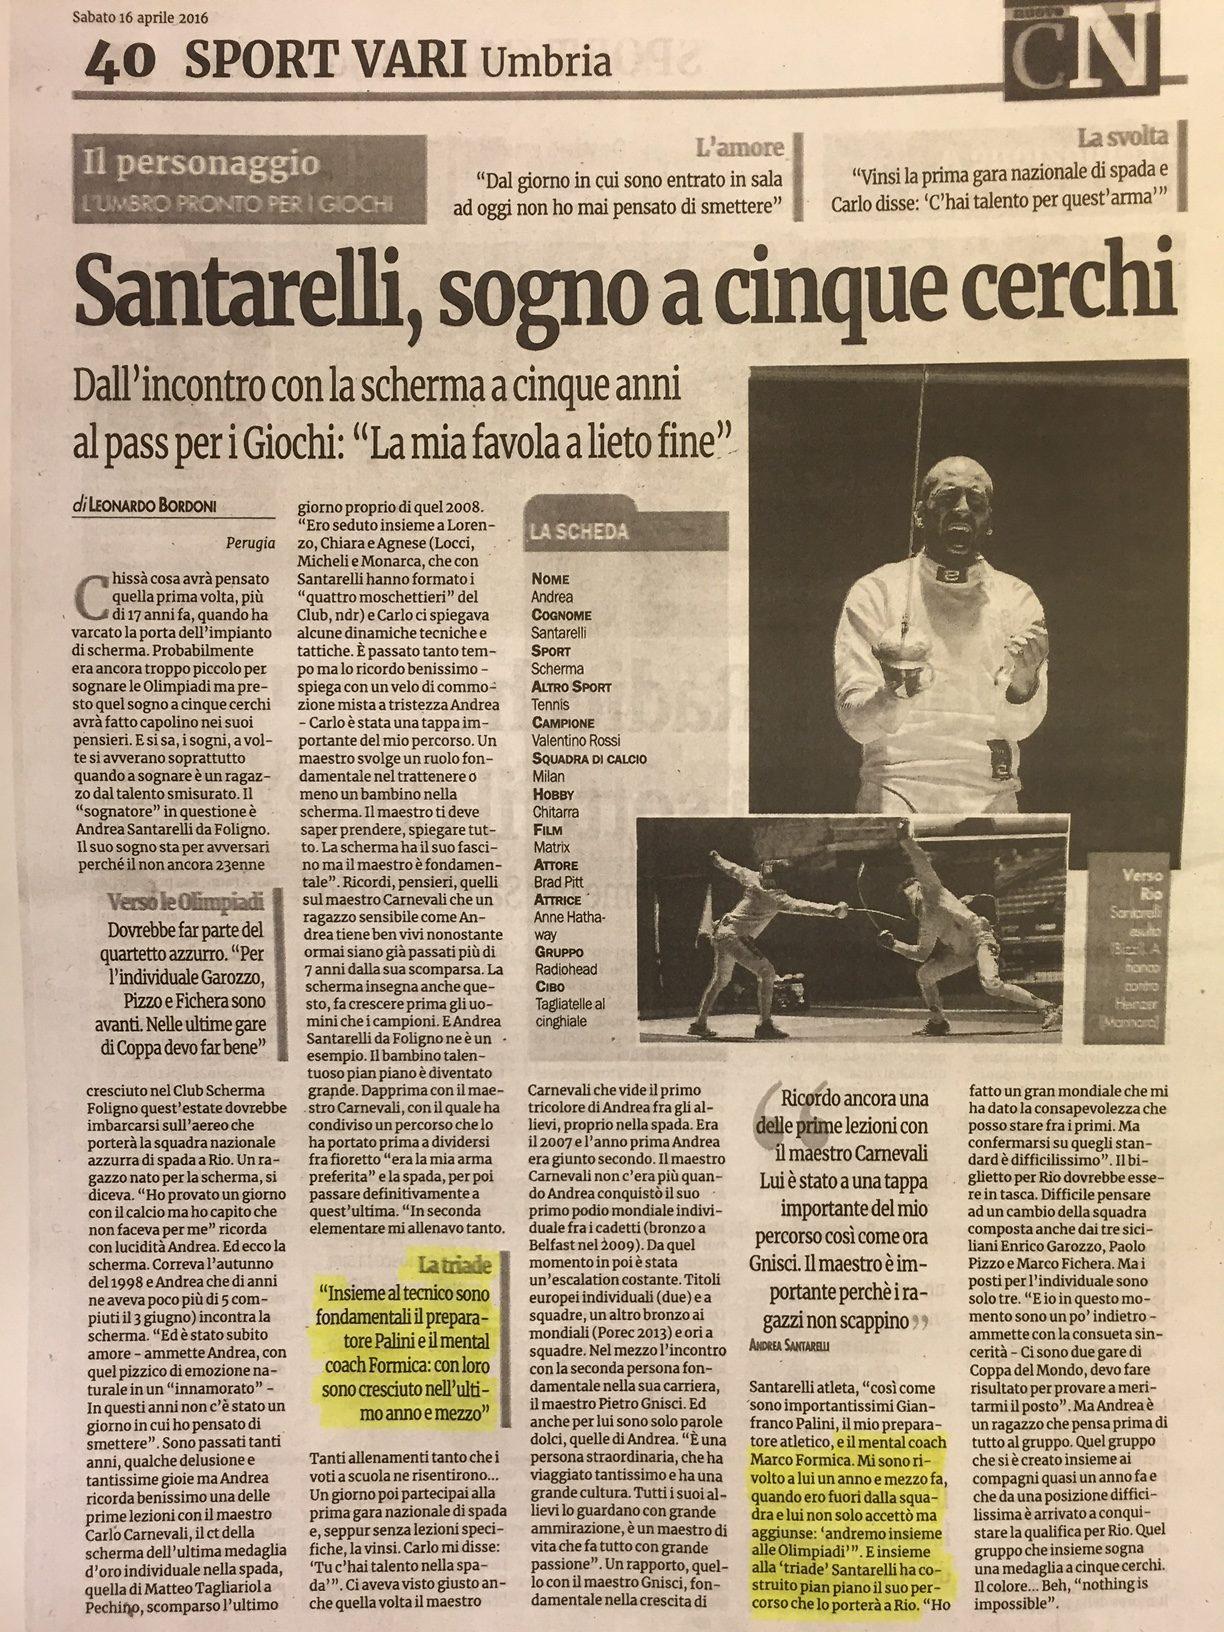 Santarelli - Formica